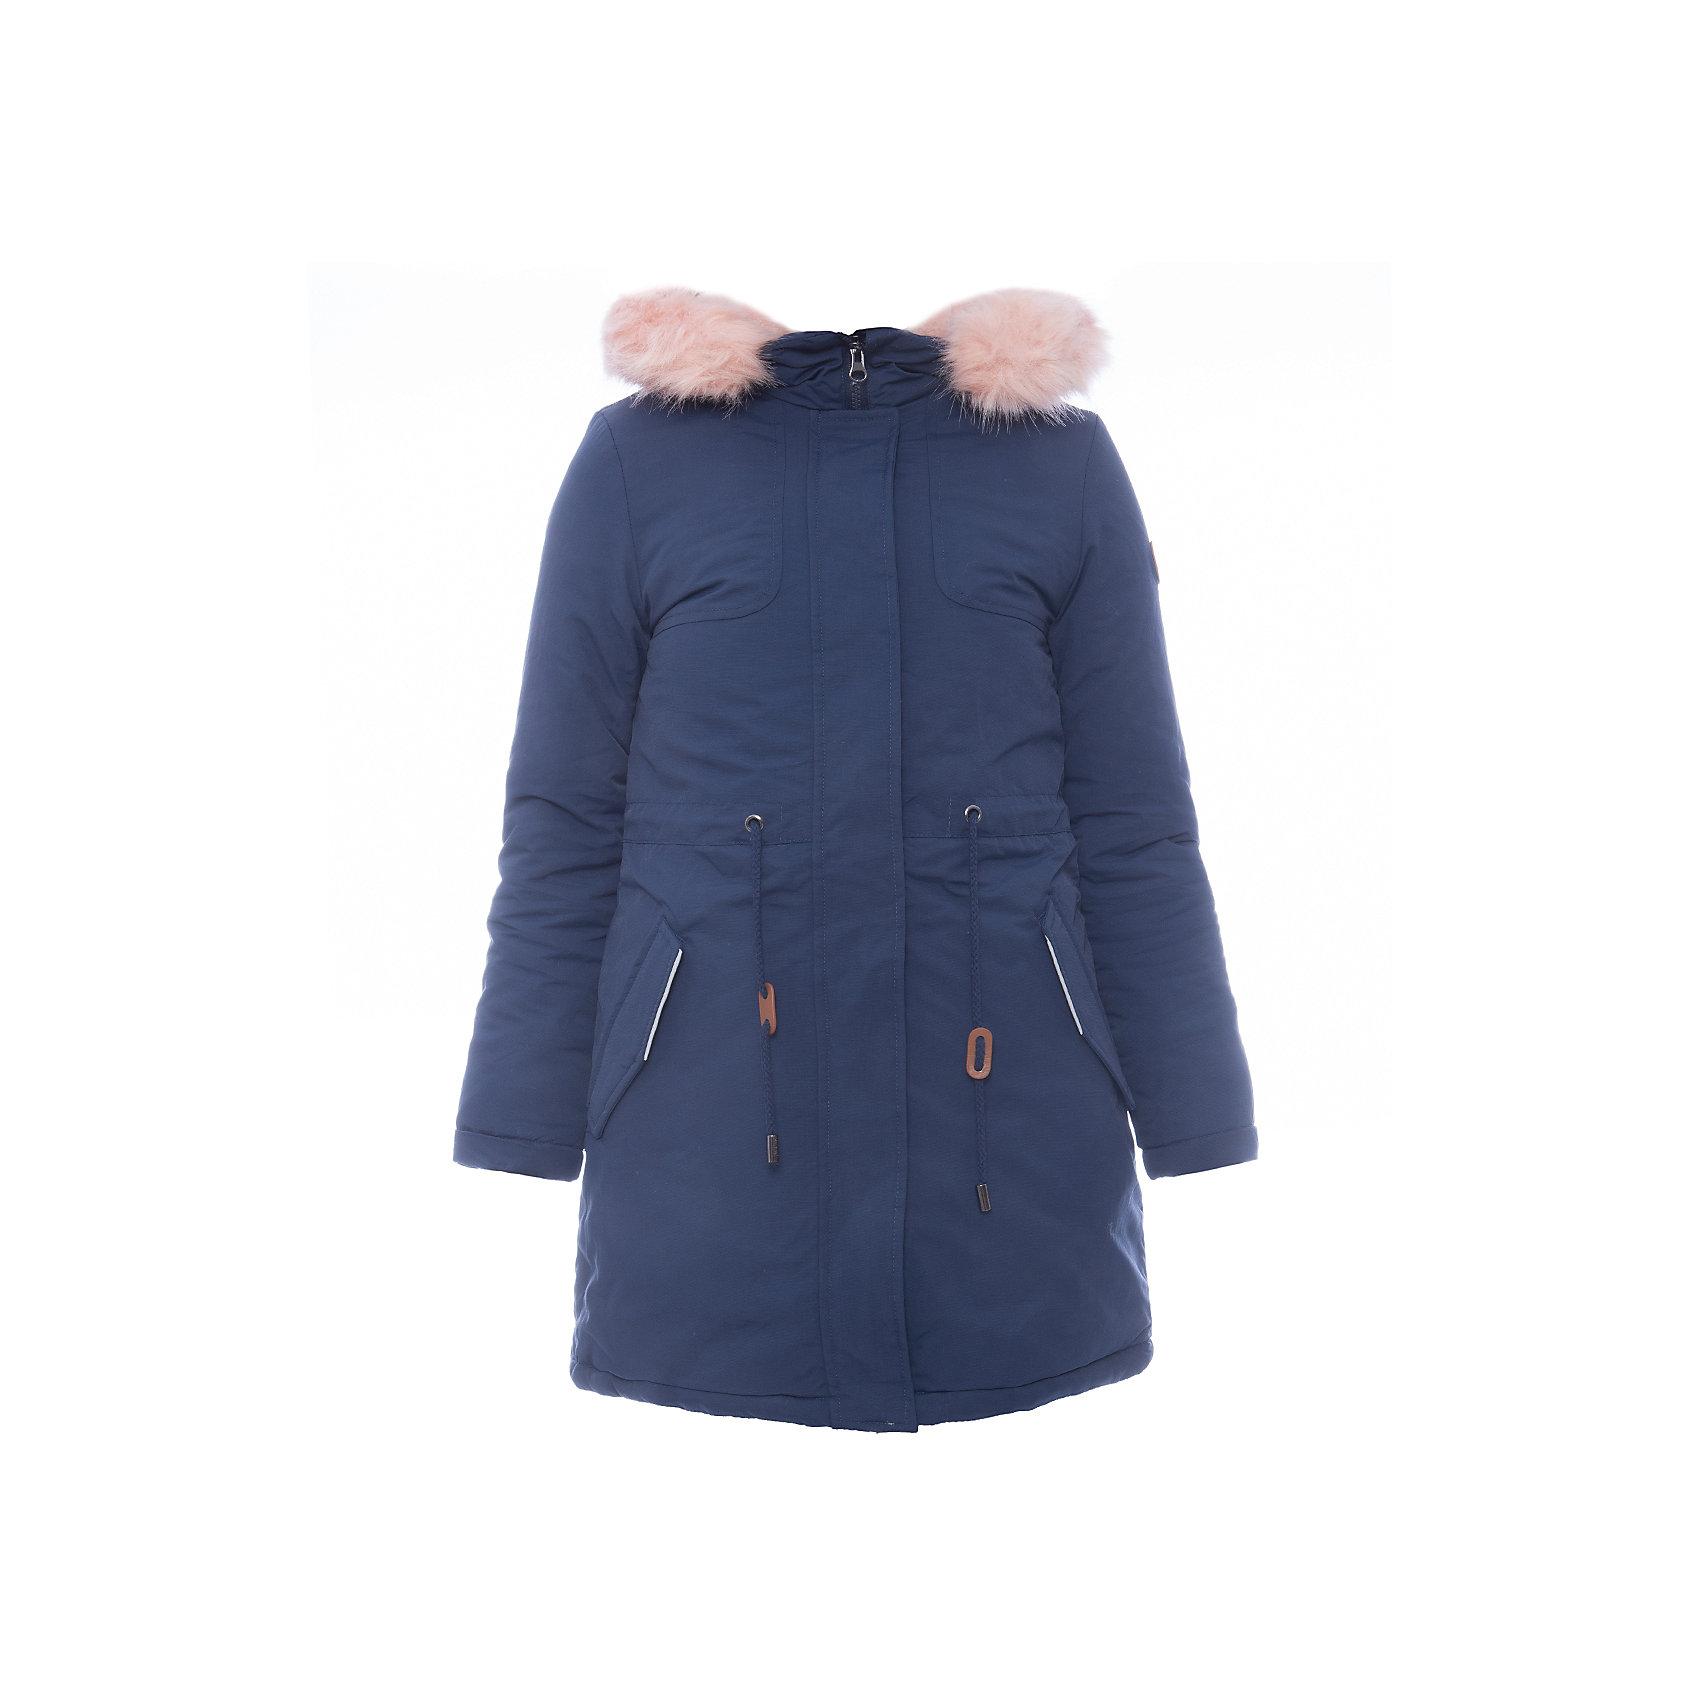 Пальто SELA для девочкиВерхняя одежда<br>Характеристики товара:<br><br>• цвет: синий<br>• ткань верха: 100% нейлон<br>• подкладка: 100% полиэстер<br>• утеплитель: 100% полиэстер<br>• сезон: демисезон<br>• температурный режим: от - 10 до +10<br>• капюшон: с мехом, несъемный<br>• застежка: молния<br>• страна бренда: Россия<br>• страна изготовитель: Китай<br><br>Теплое детское пальто отлично подойдет для прохладной погоды. Синее пальто имеет приятную на ощупь подкладку. Пальто для девочки Sela украшено опушкой на капюшоне. Детское пальто сшито из плотного качественного материала.<br><br>Пальто Sela (Села) для девочки можно купить в нашем интернет- магазине.<br><br>Ширина мм: 356<br>Глубина мм: 10<br>Высота мм: 245<br>Вес г: 519<br>Цвет: синий<br>Возраст от месяцев: 132<br>Возраст до месяцев: 144<br>Пол: Женский<br>Возраст: Детский<br>Размер: 152,122,128,140<br>SKU: 7136646